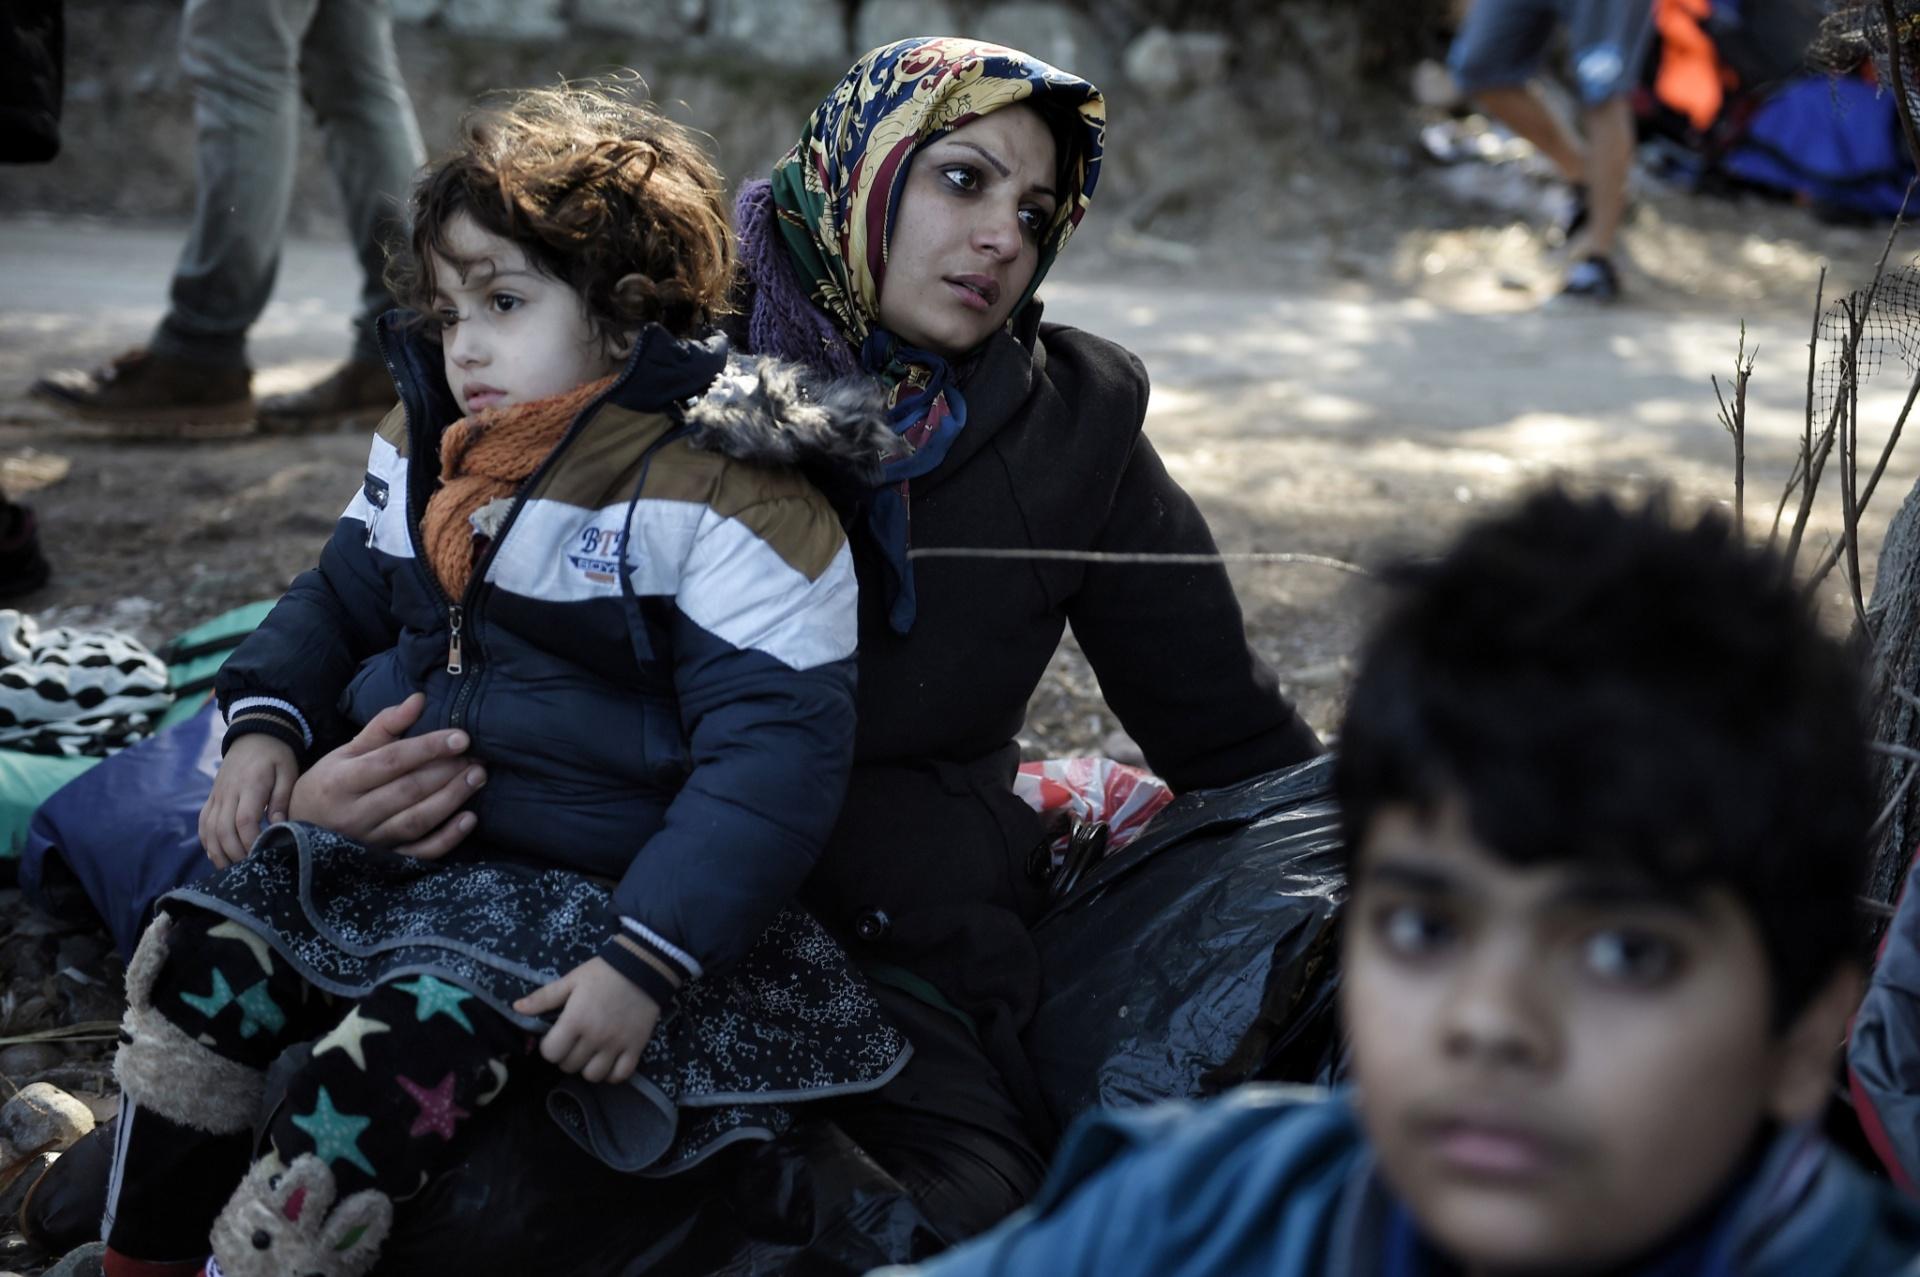 2.nov.2015 - Imigrantes chegam à ilha de Lesbos, na Grécia, depois de fazer a perigosa travessia pelo mar Egeu, partindo da costa da Turquia. Mais de 218 mil refugiados e imigrantes cruzaram o Mediterrâneo em direção a Europa, só neste mês de outubro -o que representa um recorde mensal, de acordo com a Organização das Nações Unidas